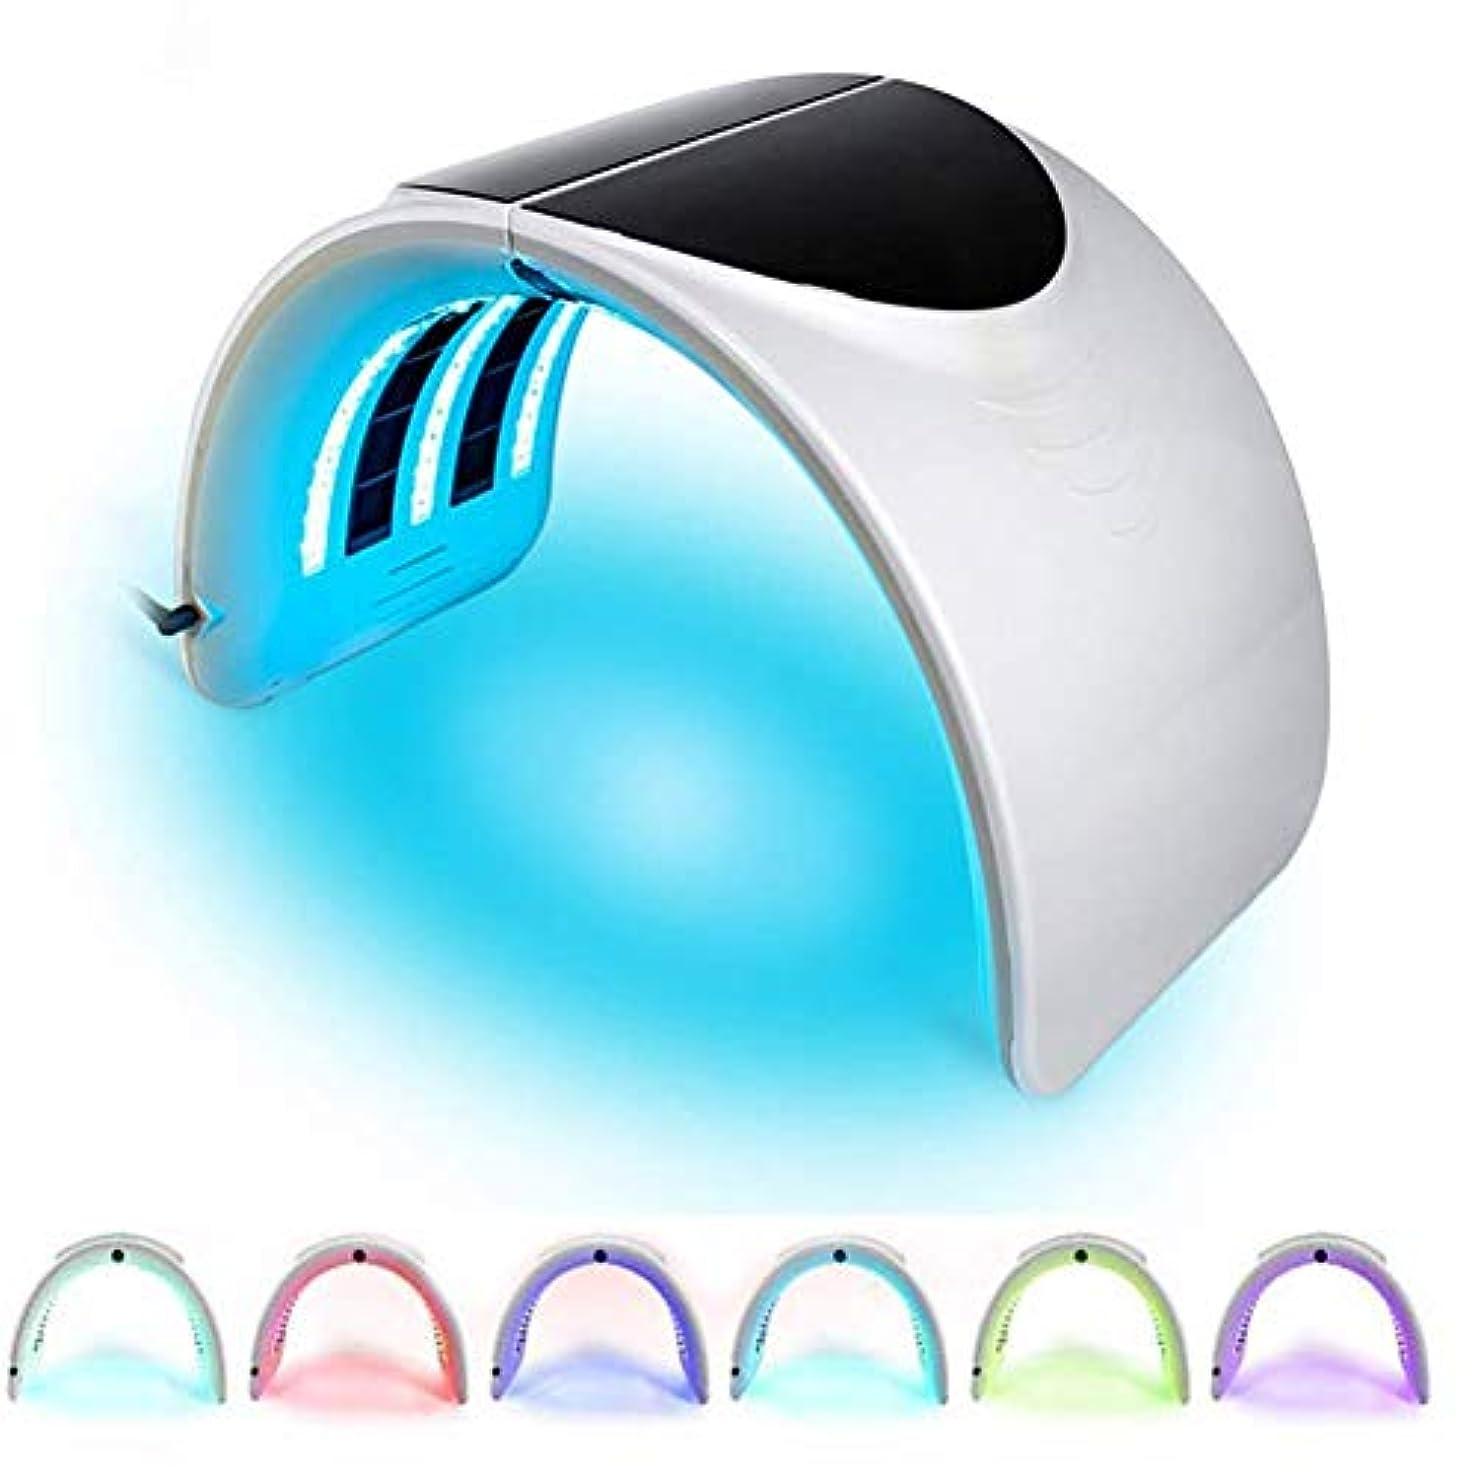 貢献する屋内夫7色の軽い光子LEDのマスク、光子治療フェイシャルスキンケビューティー折りたたみ式フェイシャルスパビューティー若返りのためにしわの除去老化防止